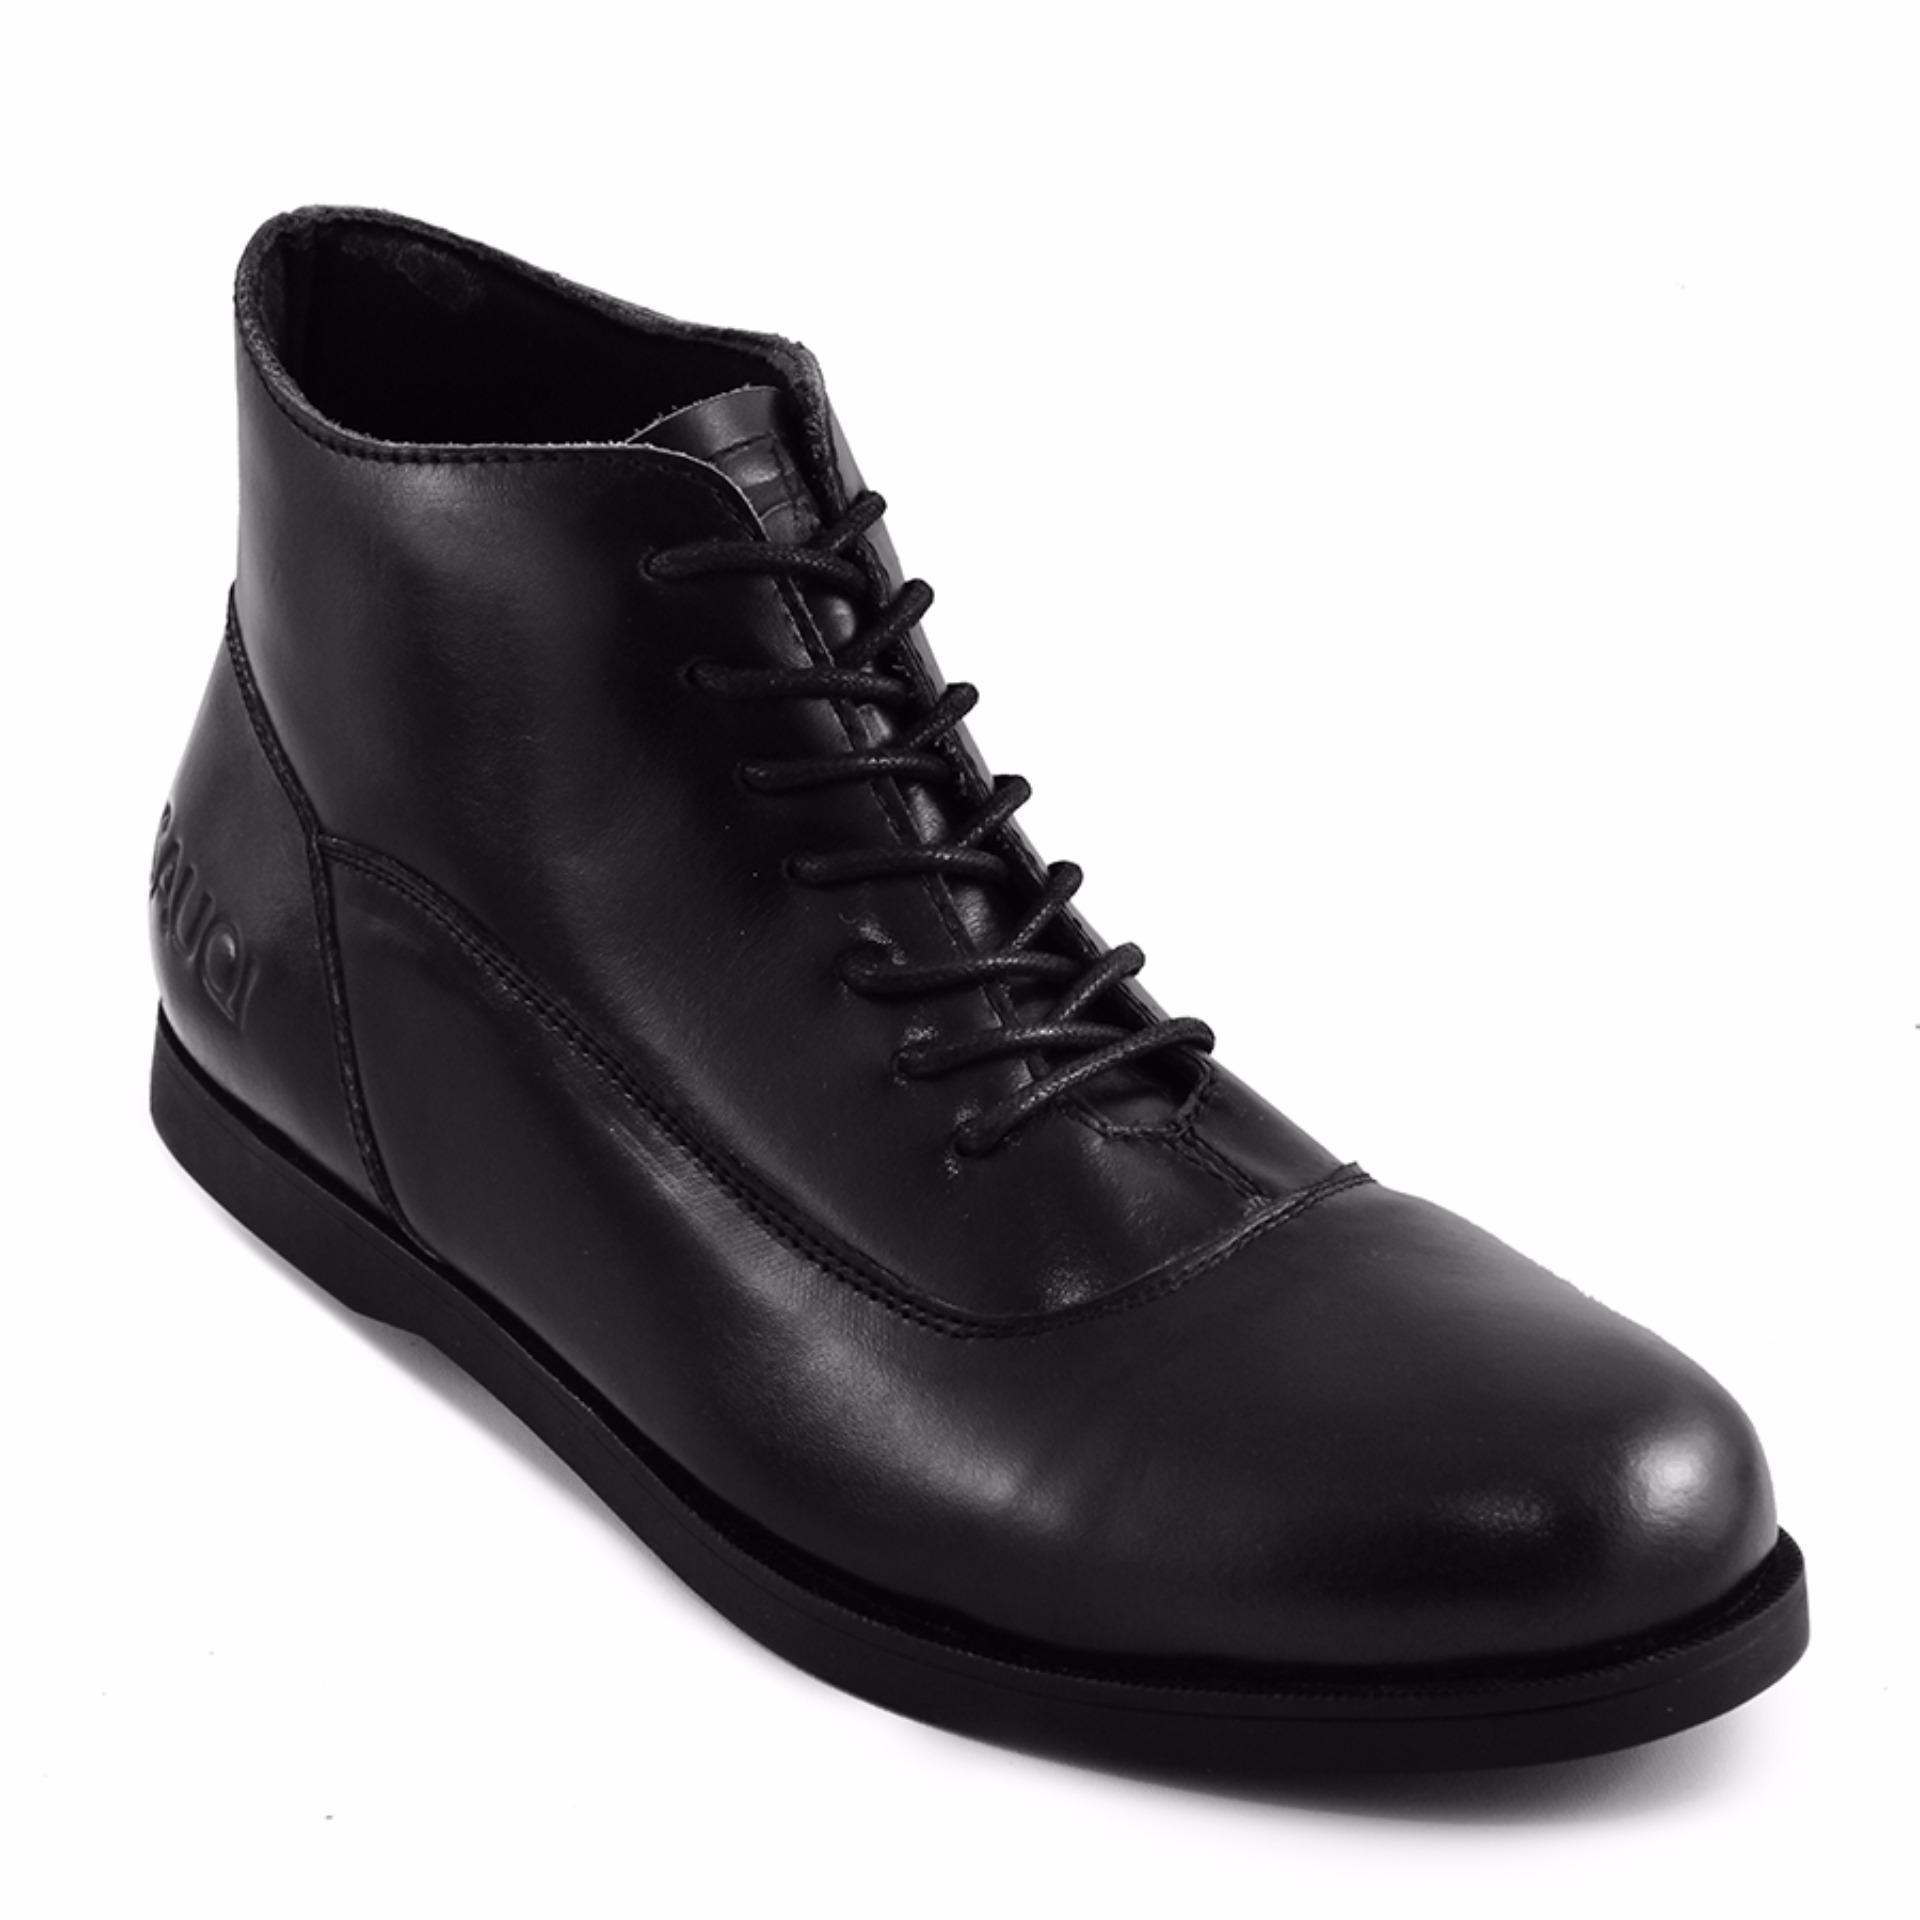 Jual Sauqi Footwear Spectre Sepatu Kulit Asli Boots Pria Casual Formal Kantor Black Online